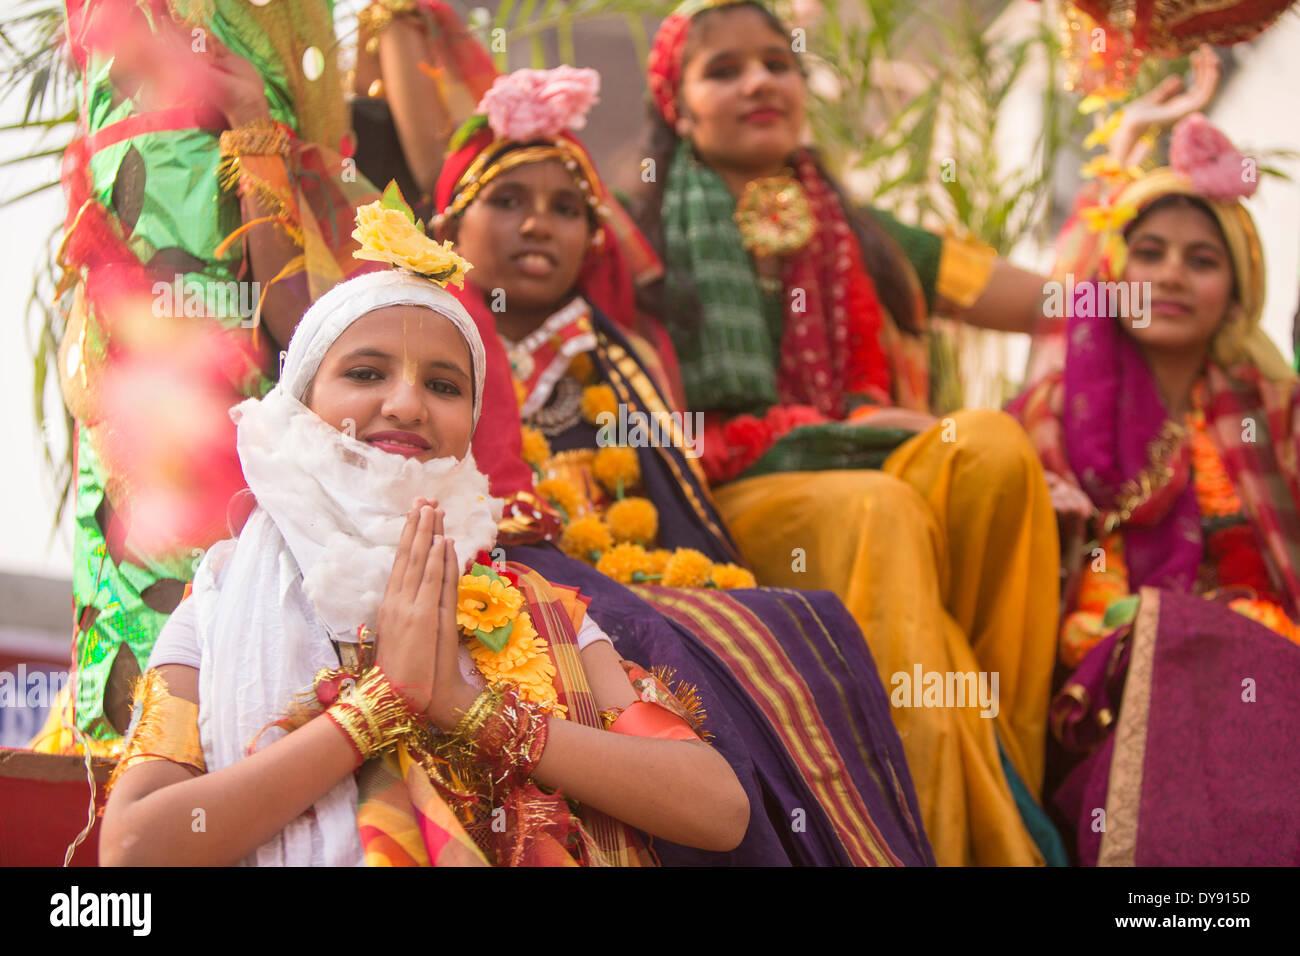 Persone, Delhi, Asia, paese, città, persone, tradizionale, Immagini Stock